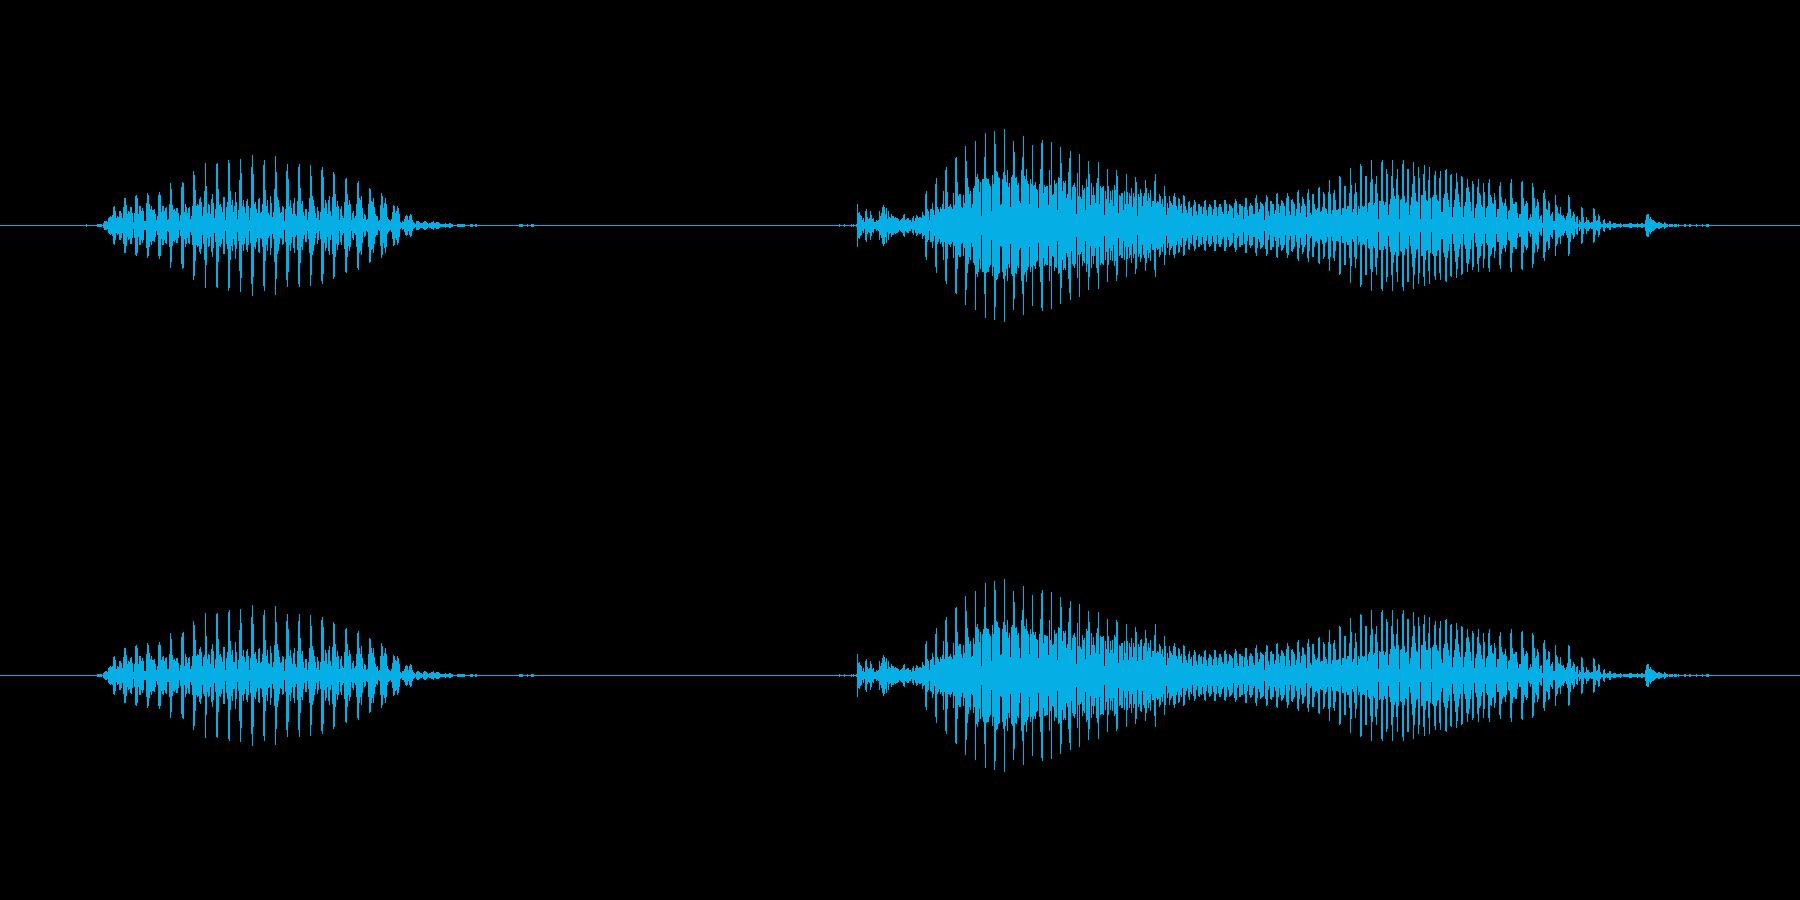 【日数・後】3日後の再生済みの波形